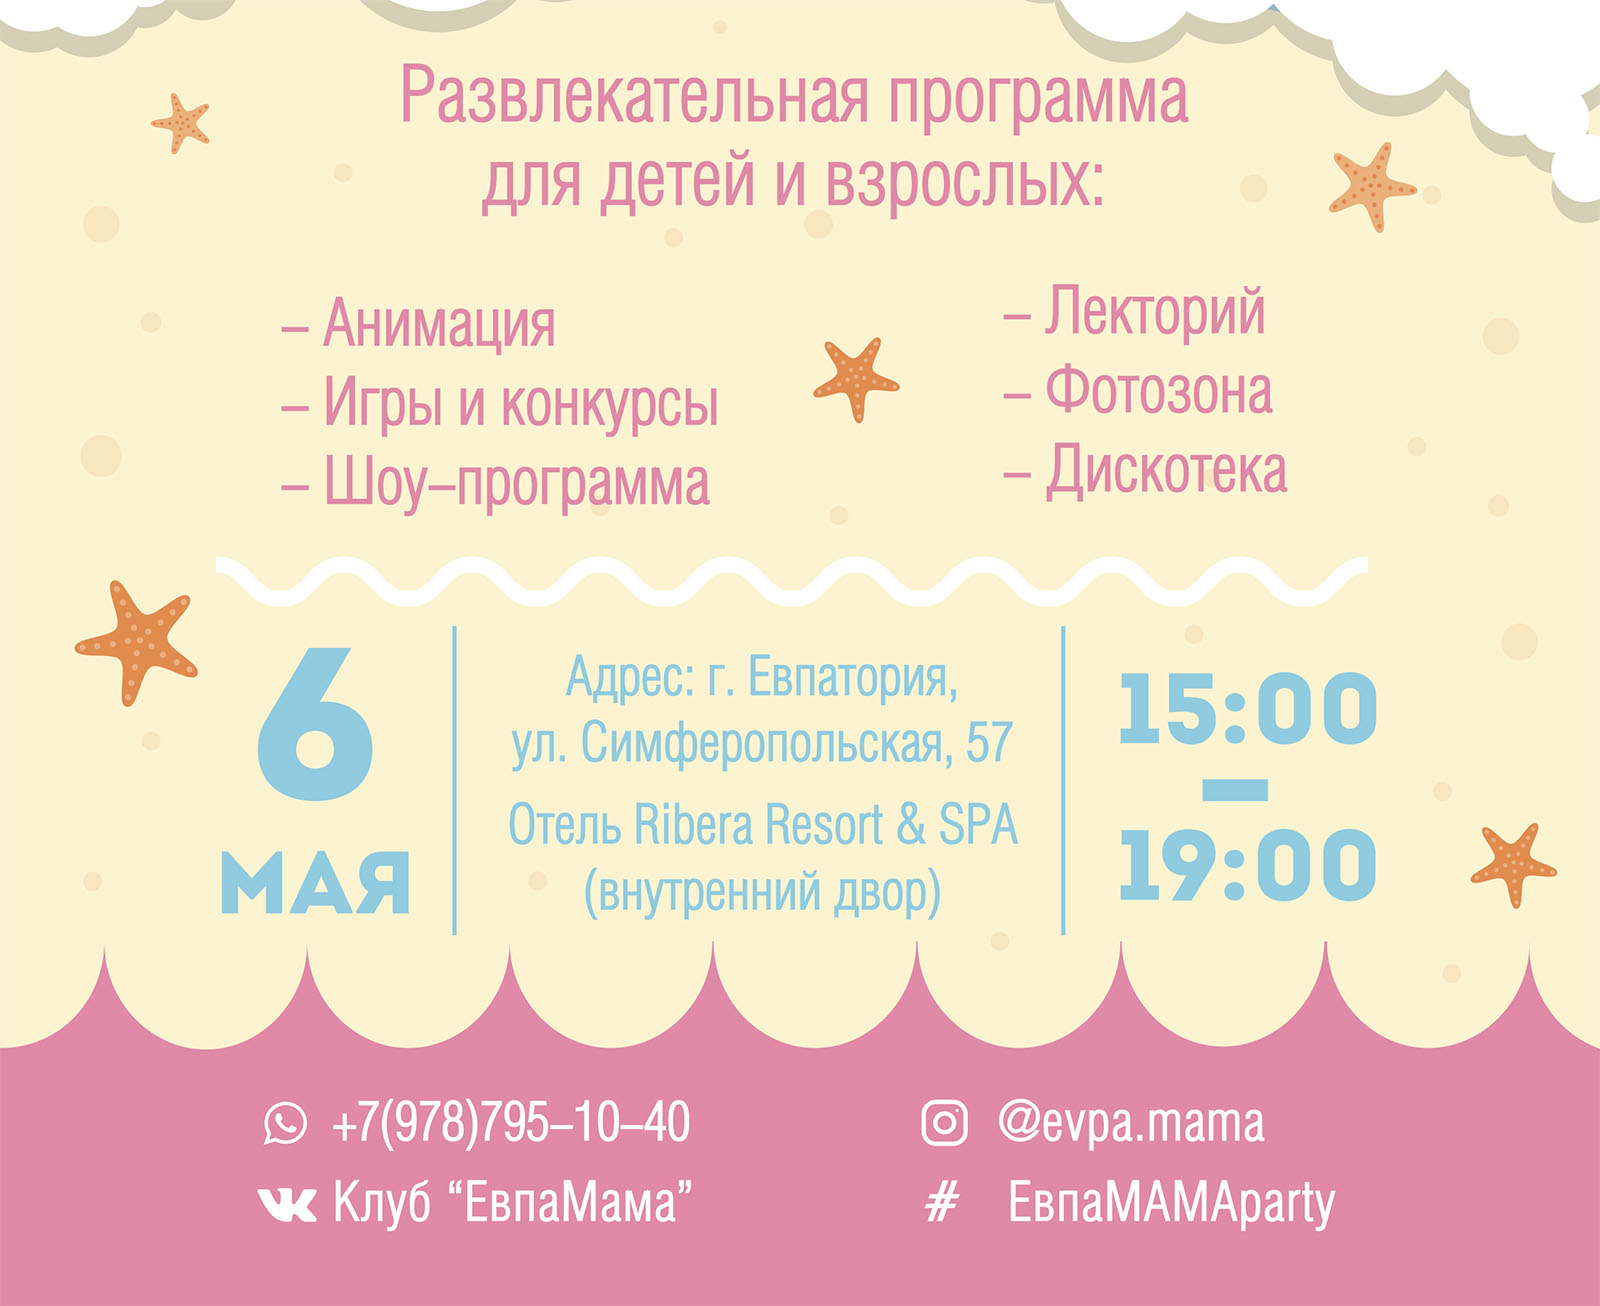 Официальное открытие клуба @evpa.mama в Ribera Resort & SPA